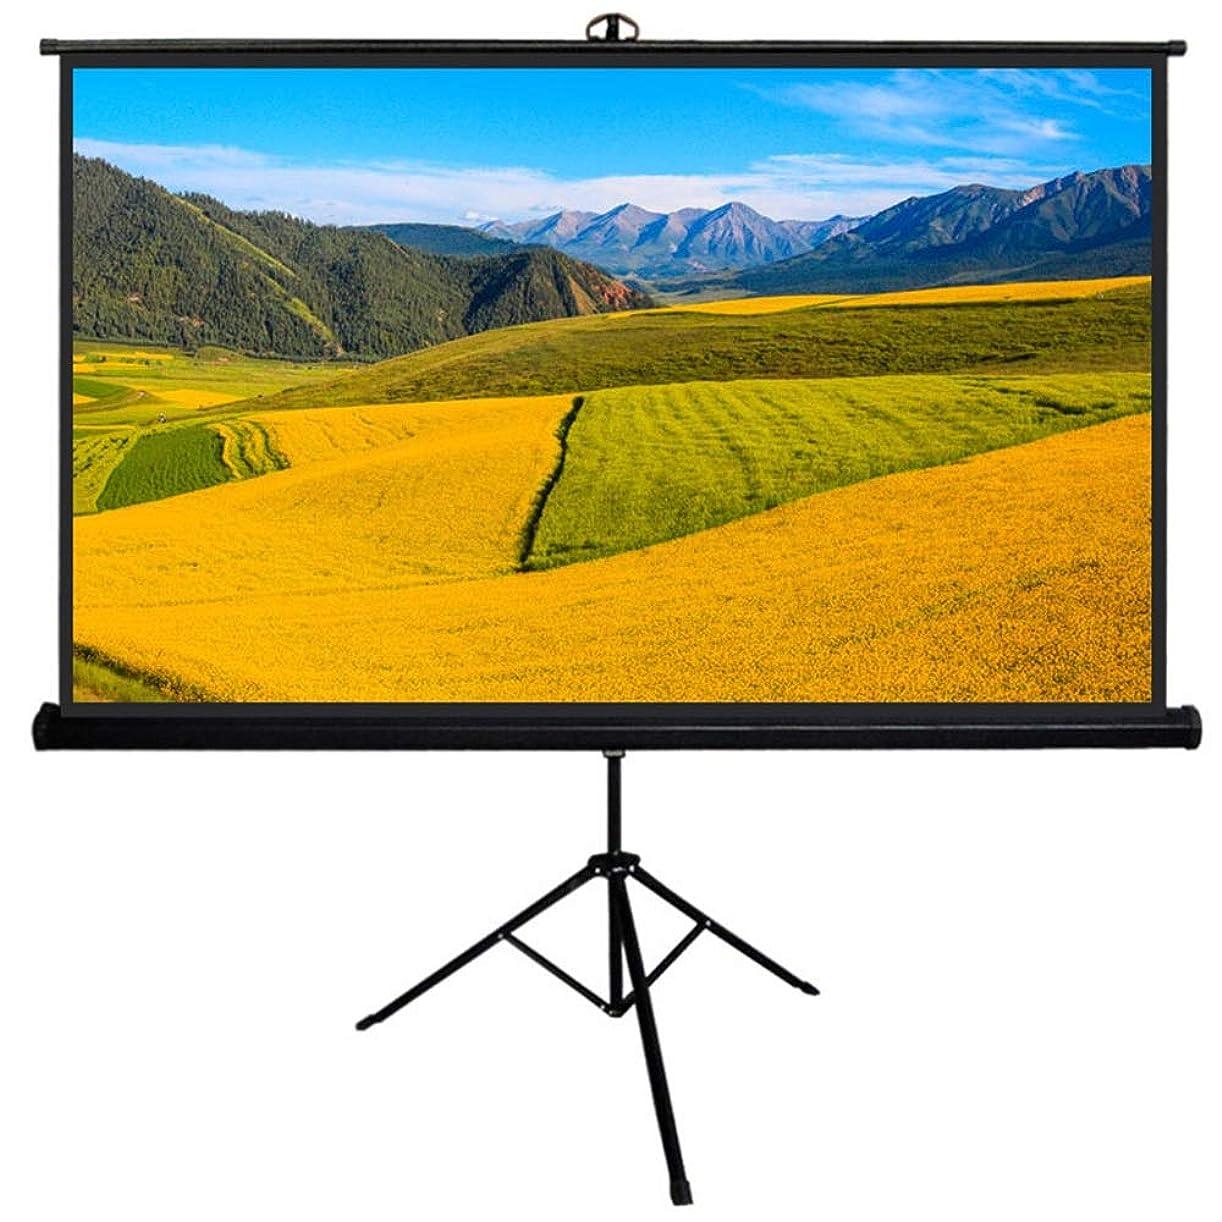 ロック慎重にプーノプロジェクタースクリーン モバイルビデオ画面 - 1:ホーム?シアターシネマ屋内屋外のプロジェクタースクリーンのために1 HD三脚スクリーンスタンド付き スクリーン (Color : Black, Size : 60inch)